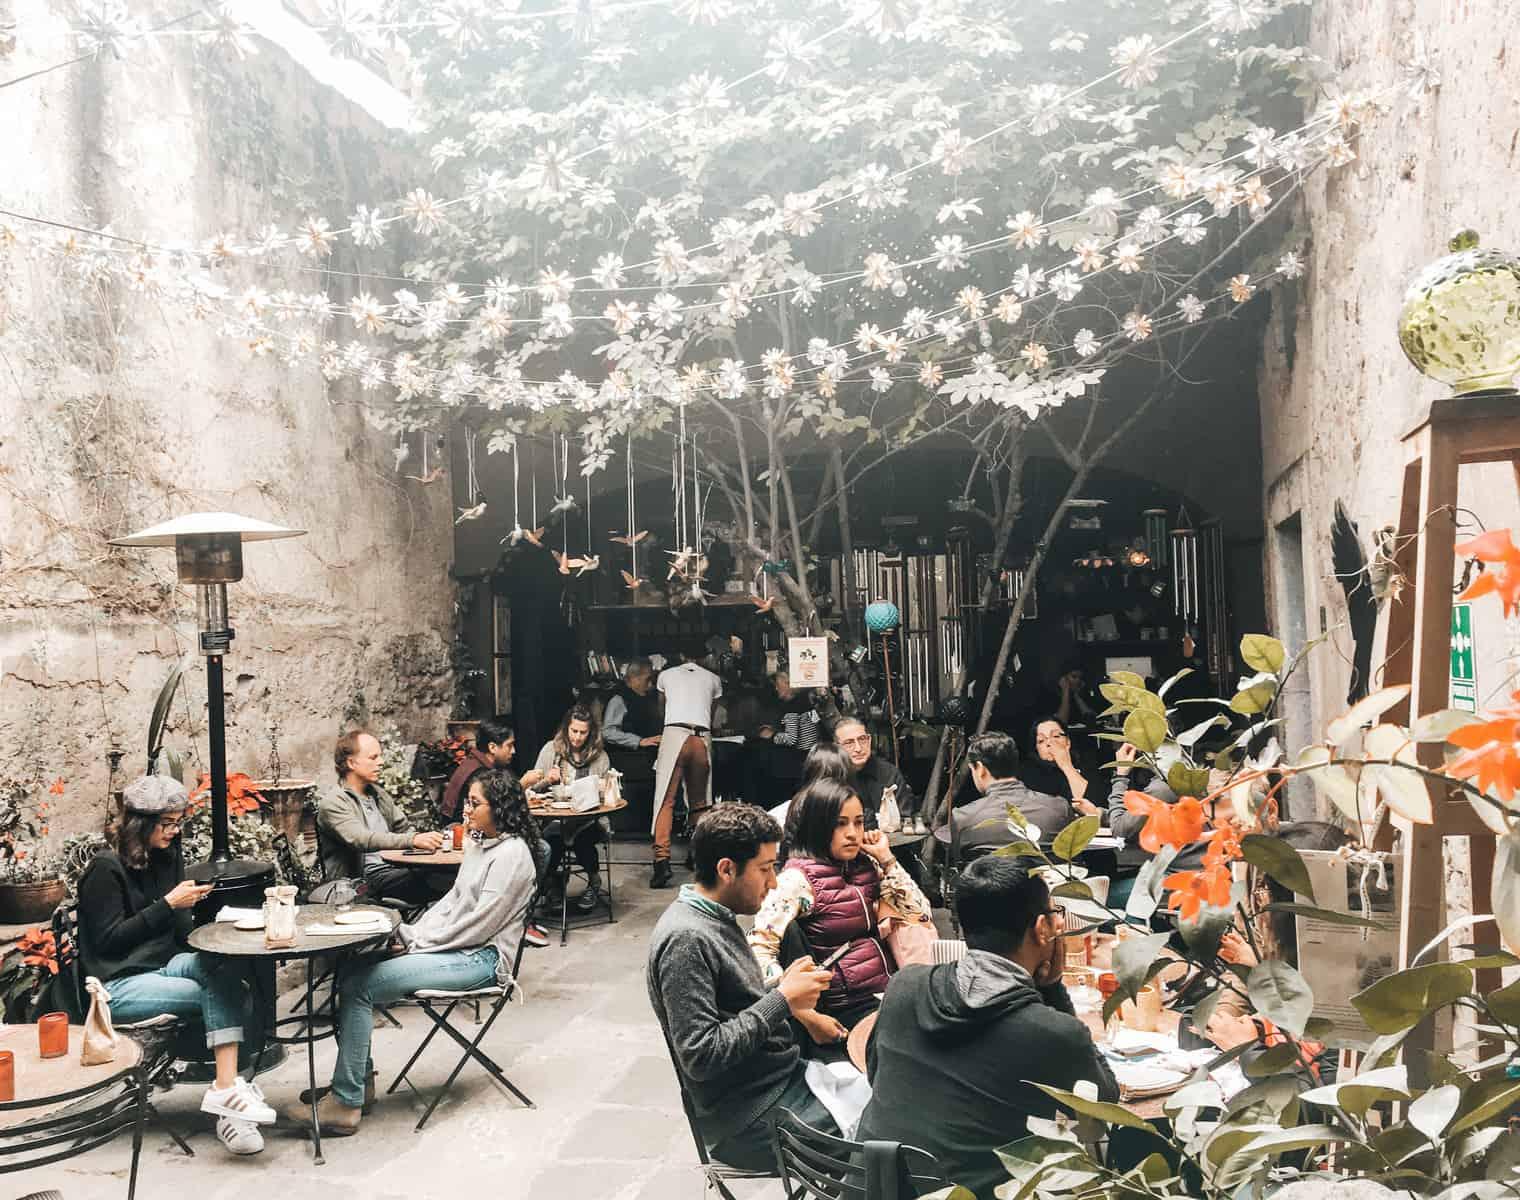 CHILDREN-FRIENDLY CAFÉ IN SAN MIGUEL WITH CHILDREN